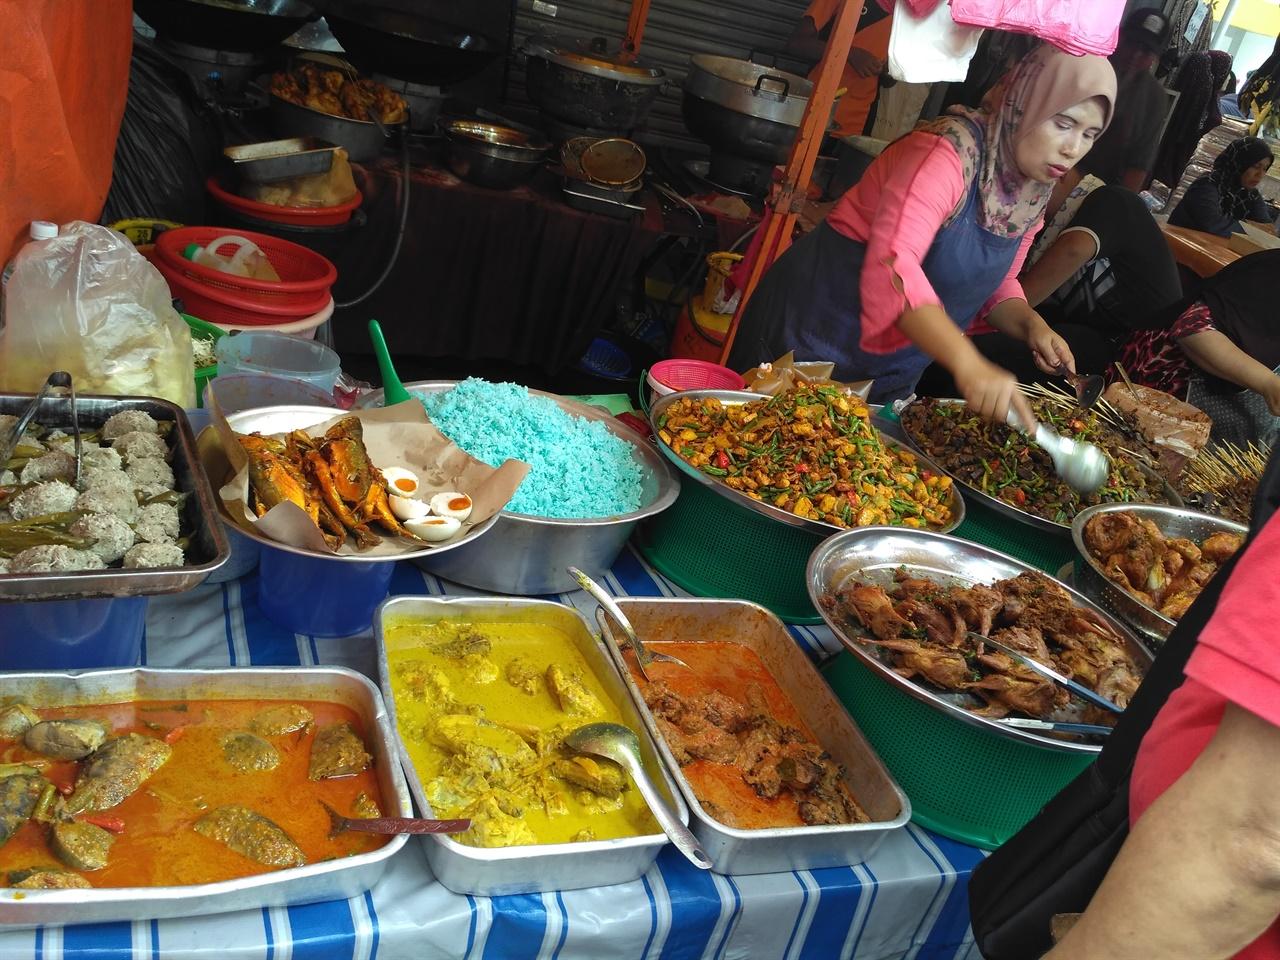 라마단 바자의 음식들  라마단바자의 다양한 말레이시아 음식들. 음식을 산 사람들은 집에 가지고 가 가족친지와 다 같이 먹는다.